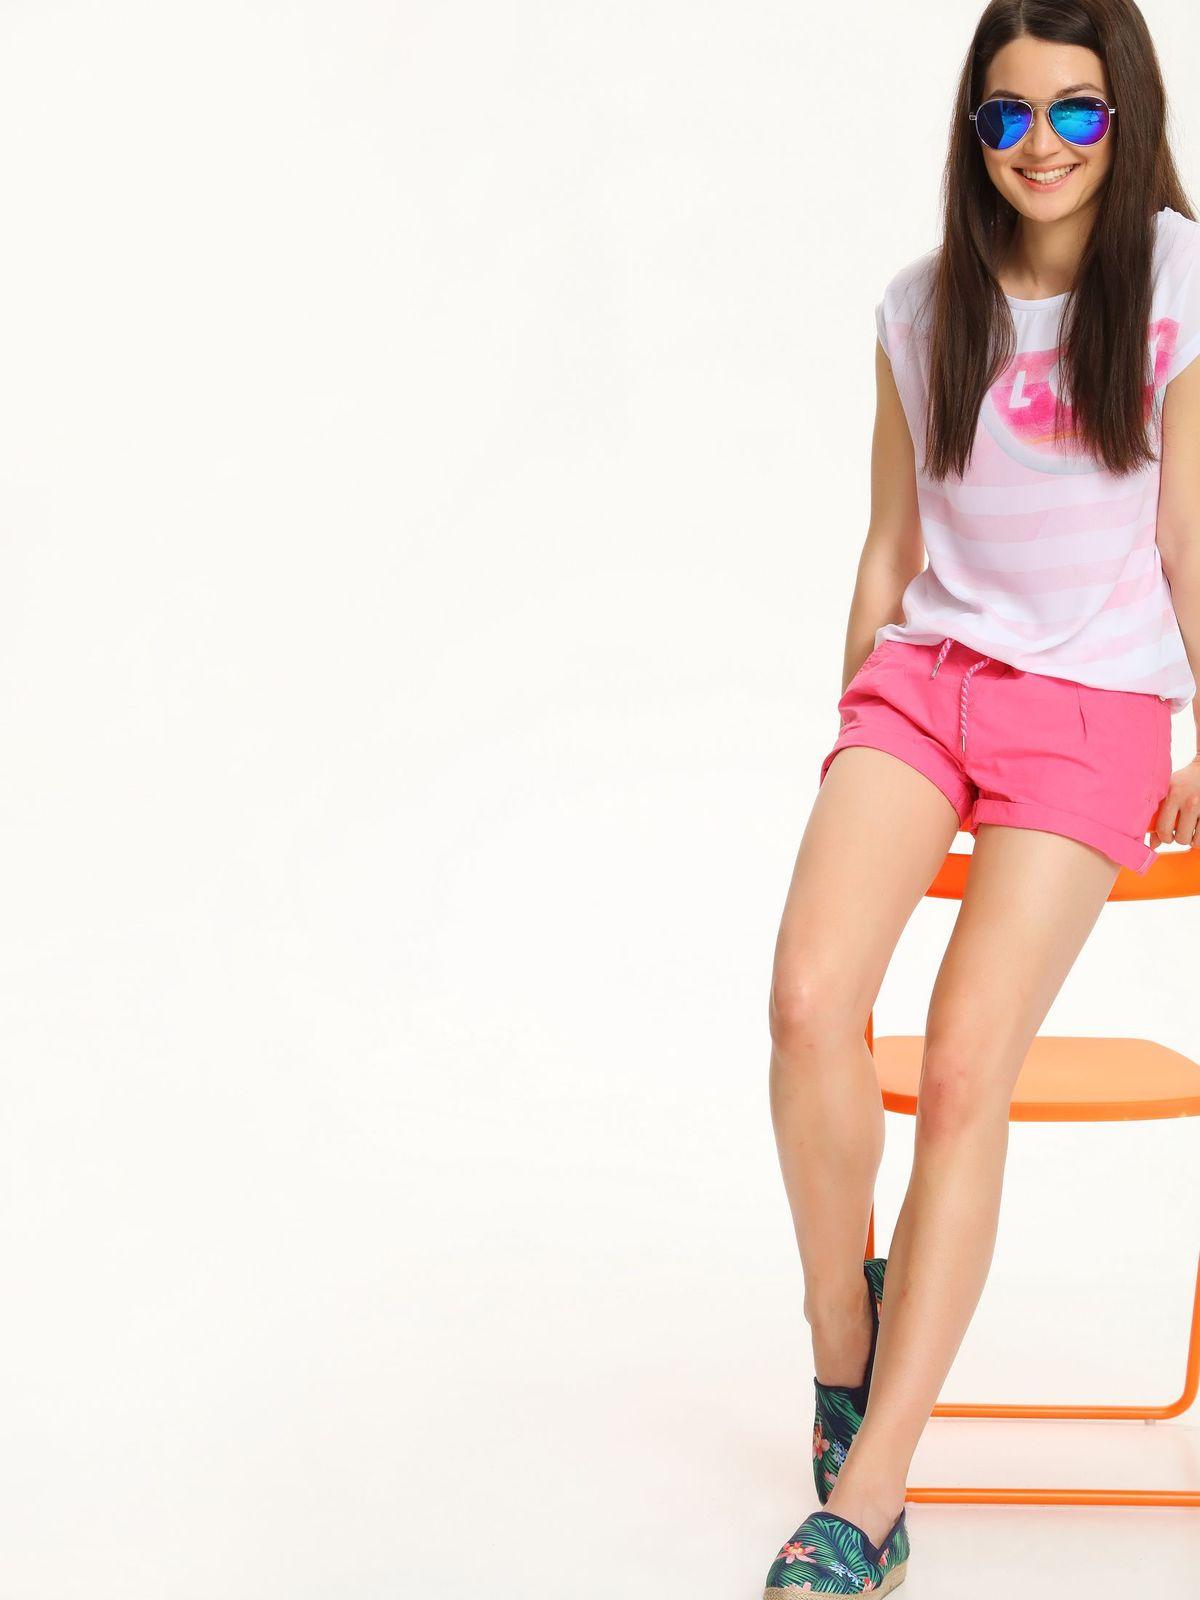 Блузка женская Troll, цвет: белый, розовый. TBK0144BI. Размер XL (50)TBK0144BIСтильная женская блузка Troll, выполненная из вискозы и полиэстера, подчеркнет ваш изысканный вкус.Модель c короткими цельнокроеными рукавами и круглым вырезом горловины не имеет застежек. Блузка оформлена оригинальным контрастным принтом и дополнена по низу эластичной резинкой.